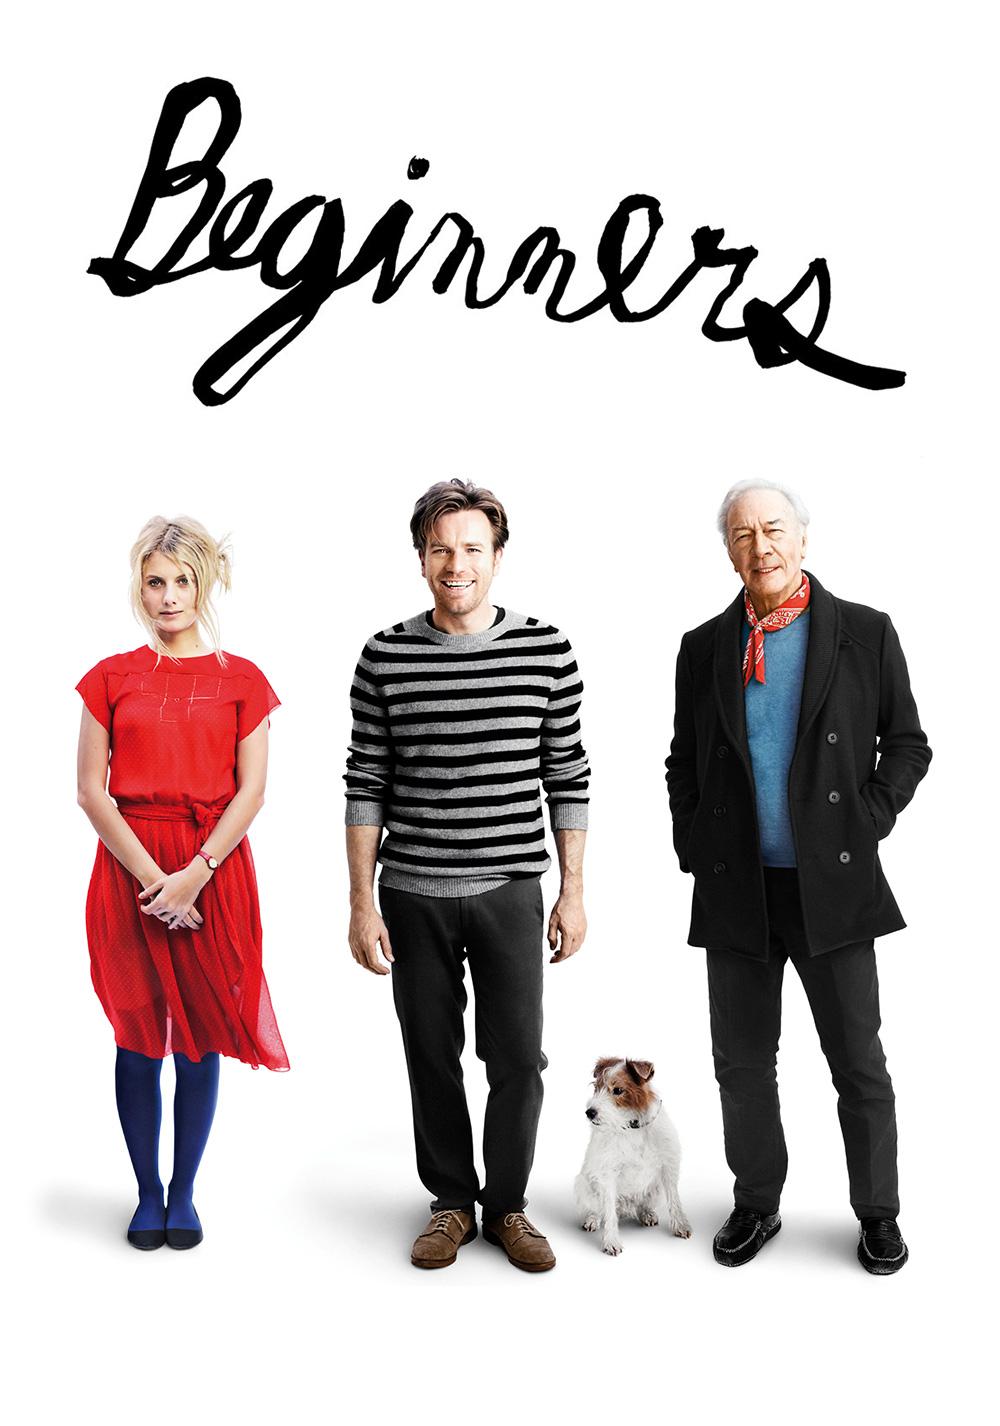 33: Beginners (2011) show art